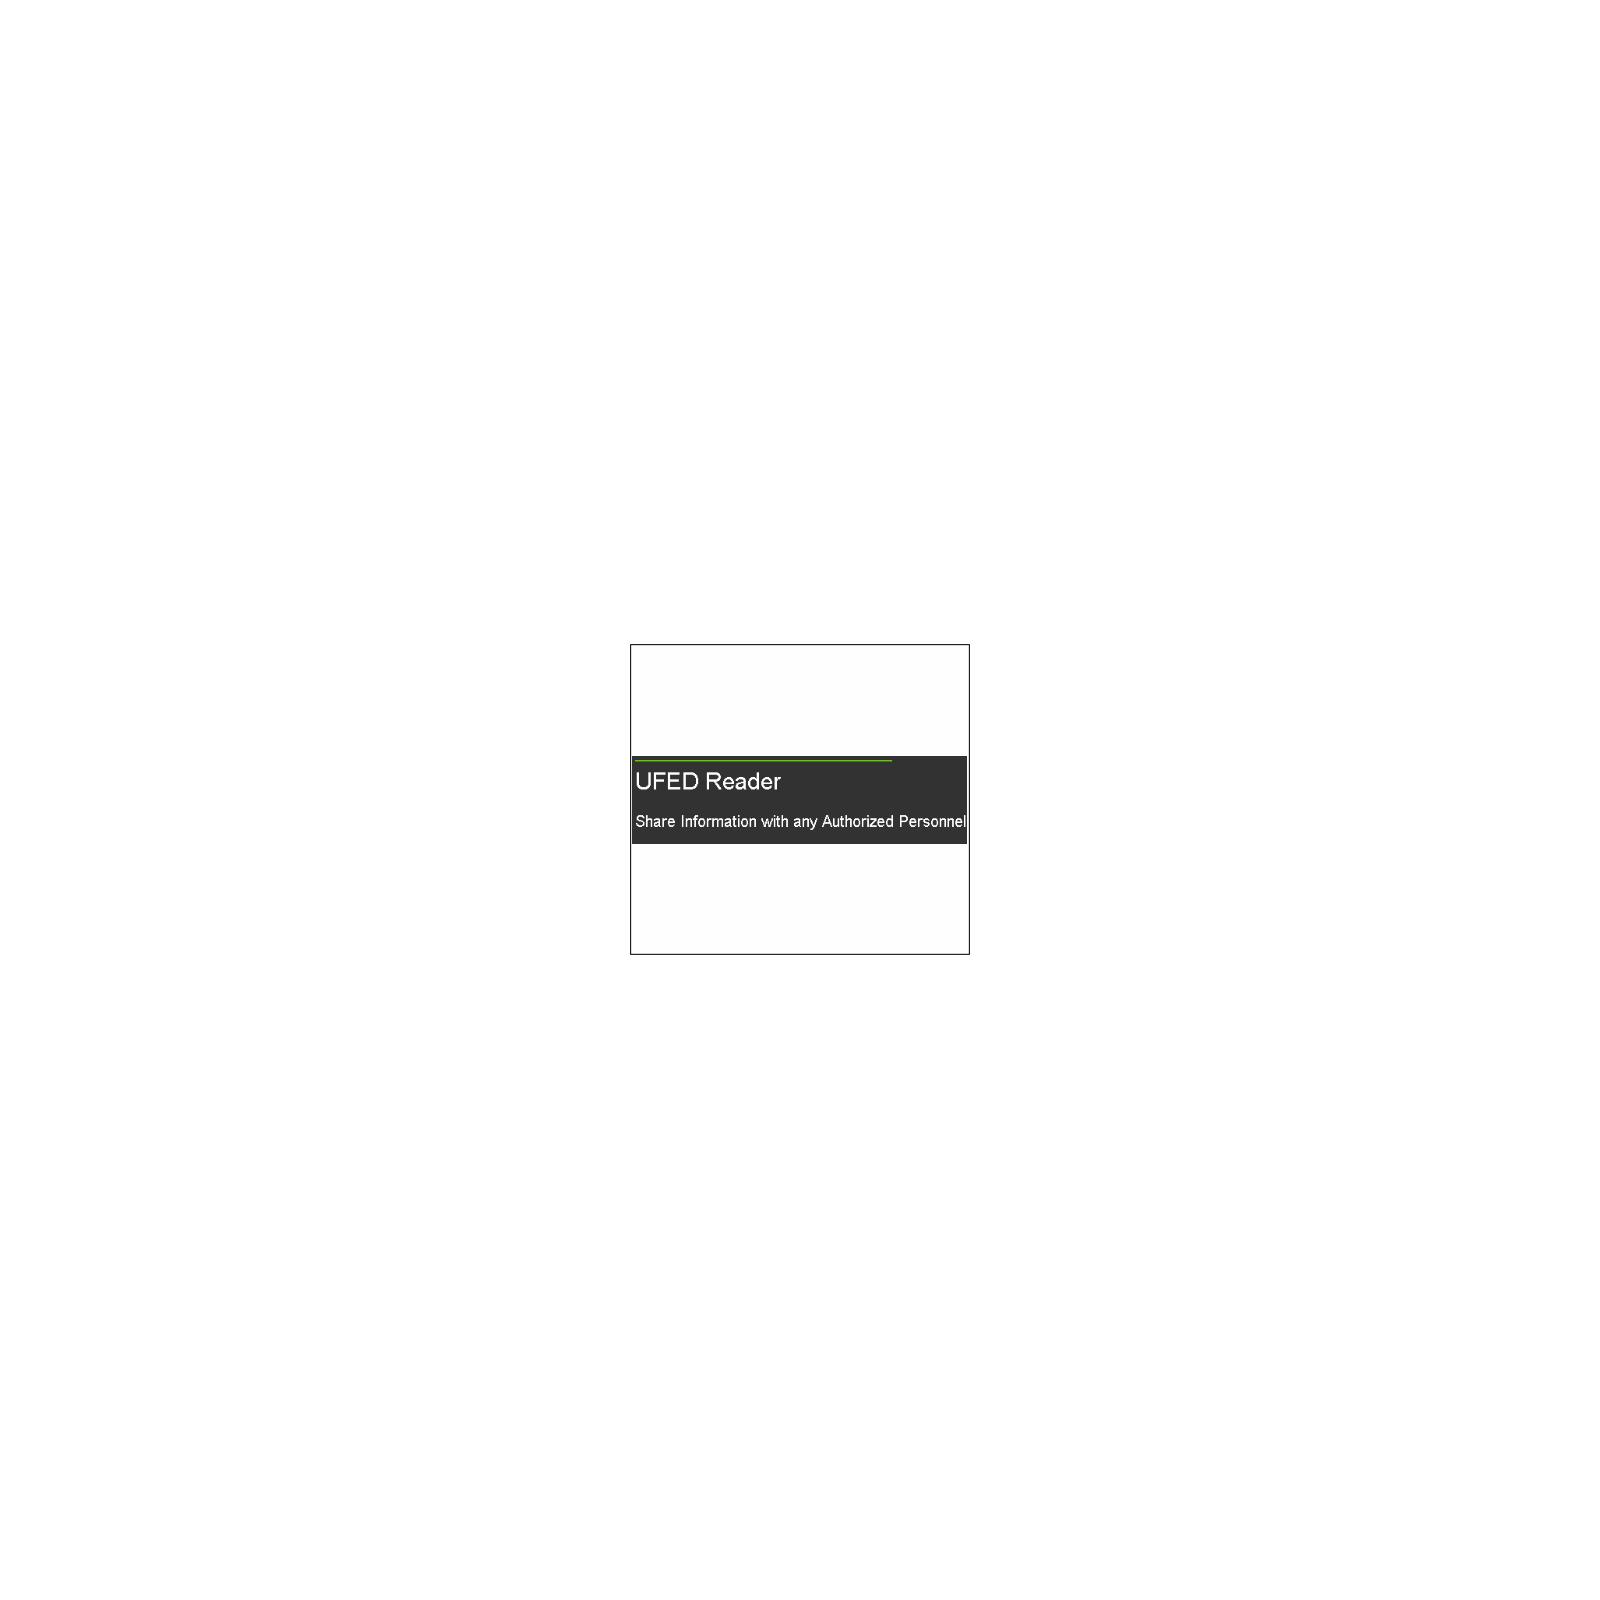 UFED Reader - nformatyka śledcza, oprogramowanie